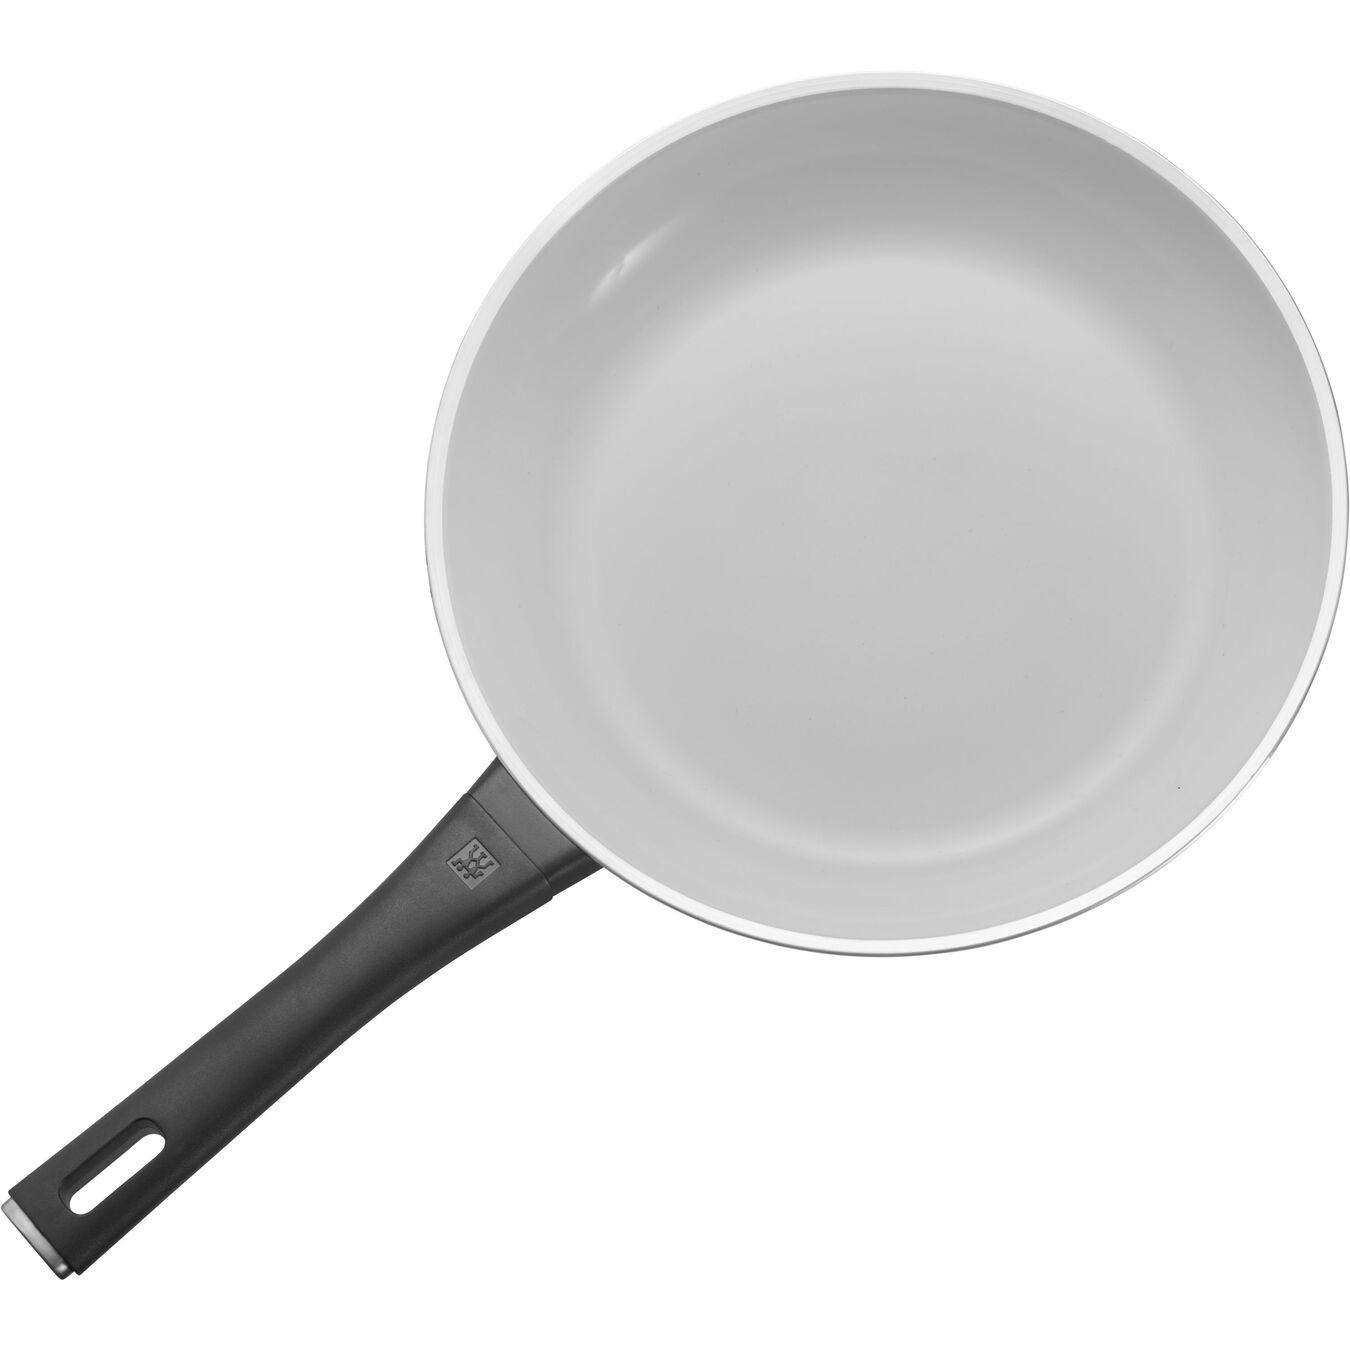 2-pc Fry Pan Set,,large 3